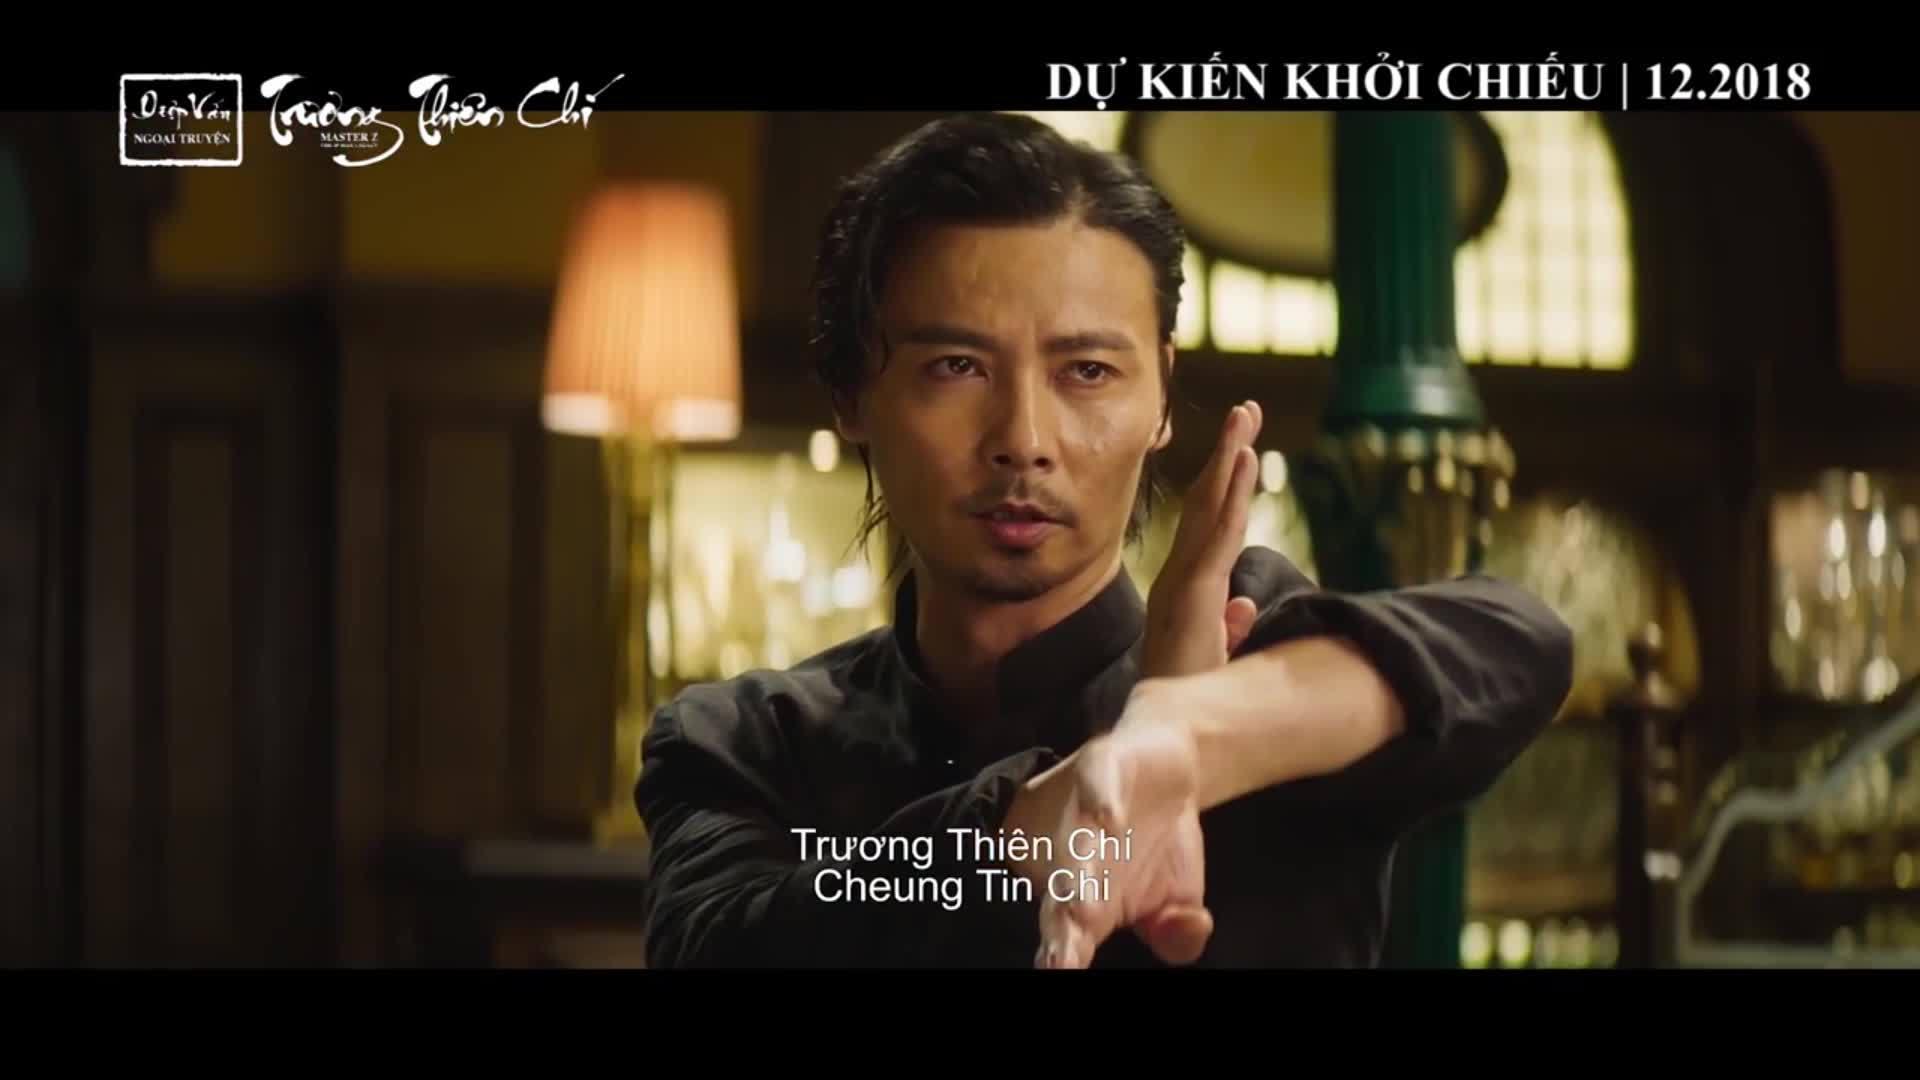 Trailer Diệp Vấn ngoại truyện: Trương Thiên Chí